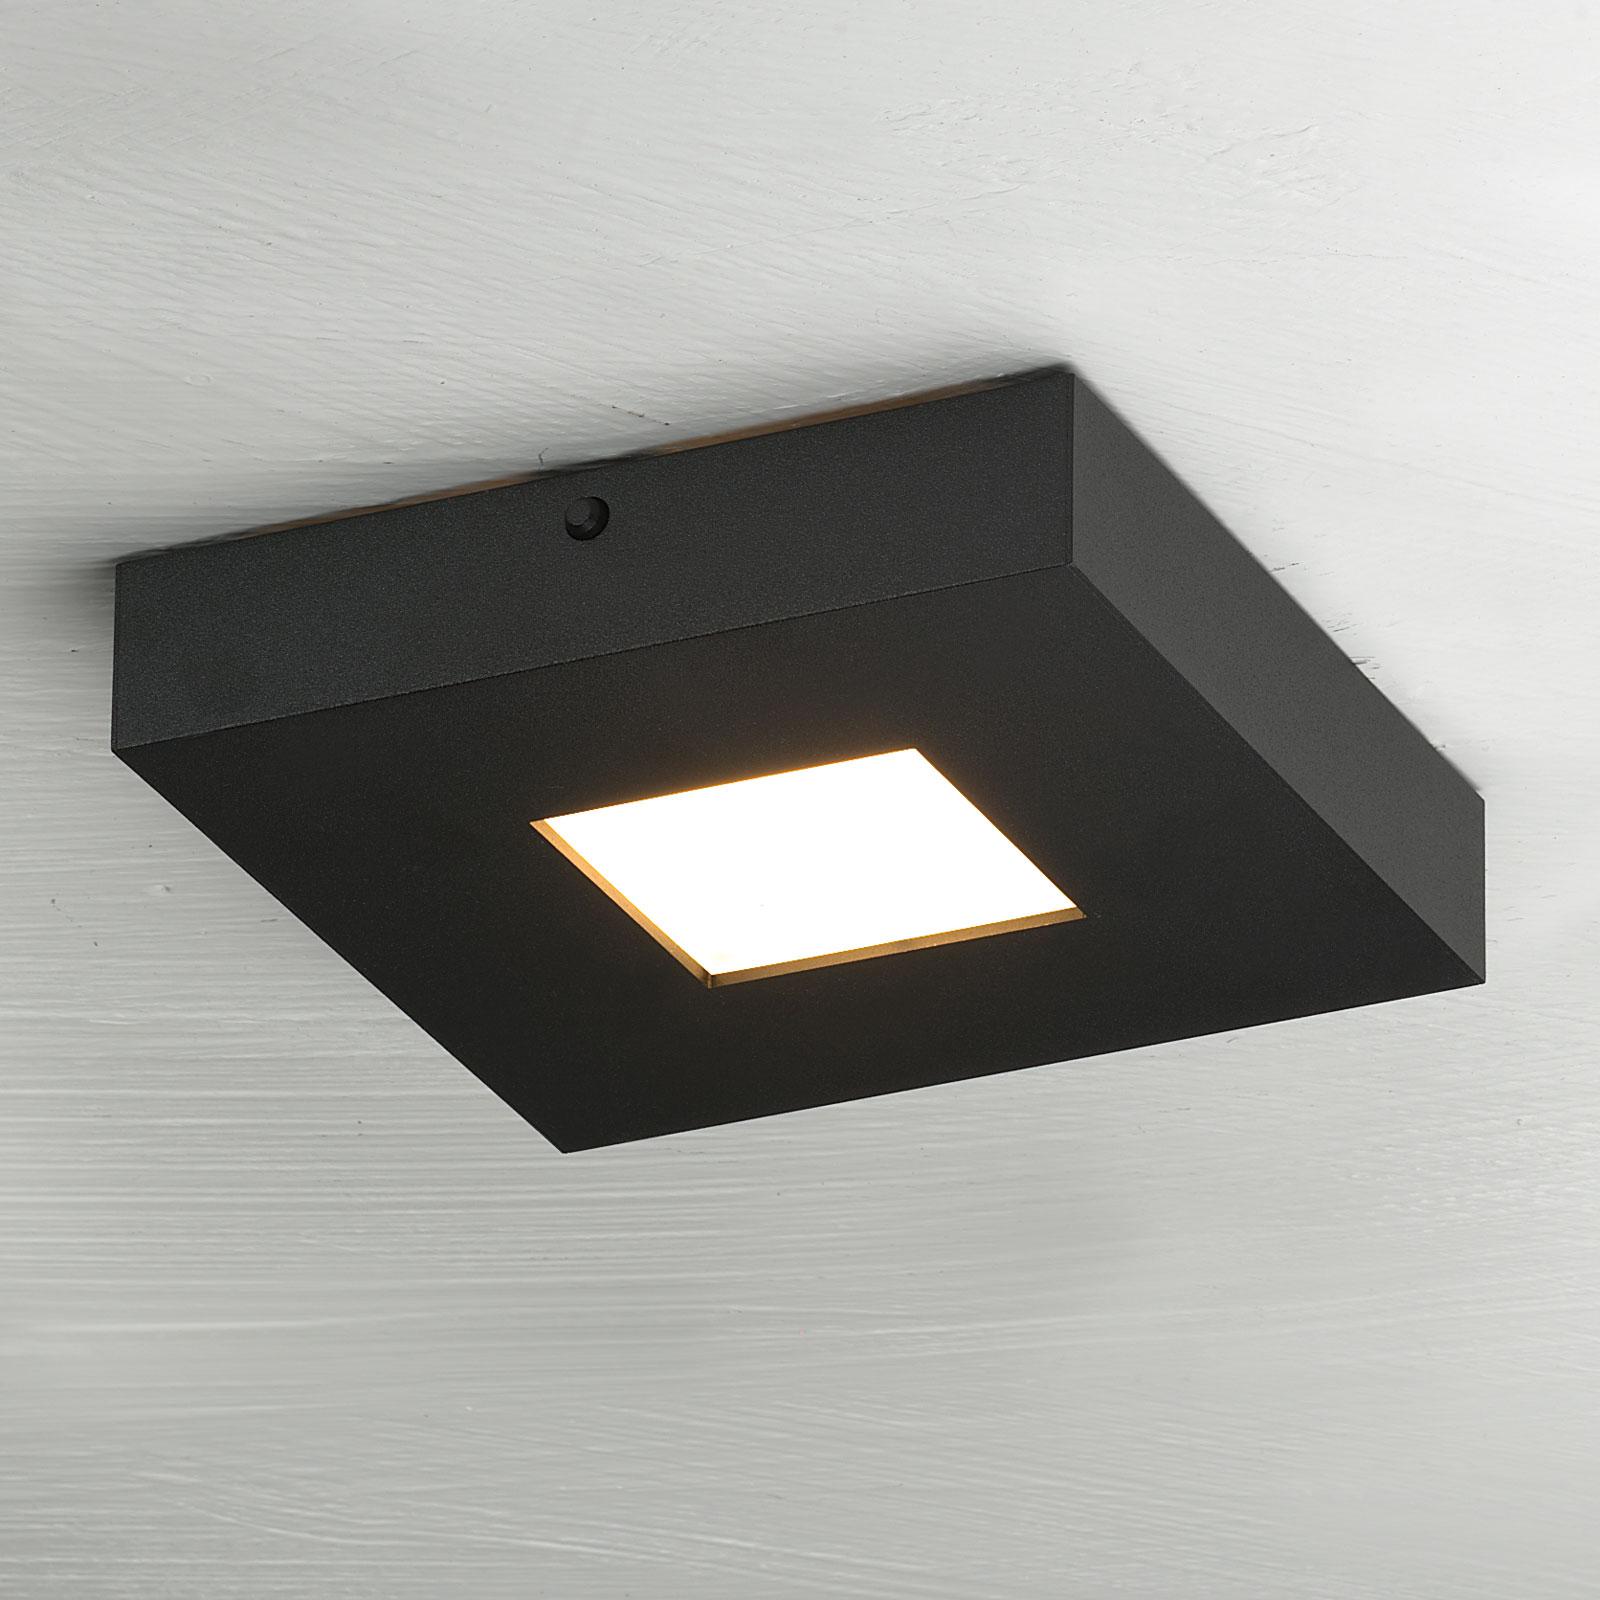 Plafonnier LED Cubus en noir